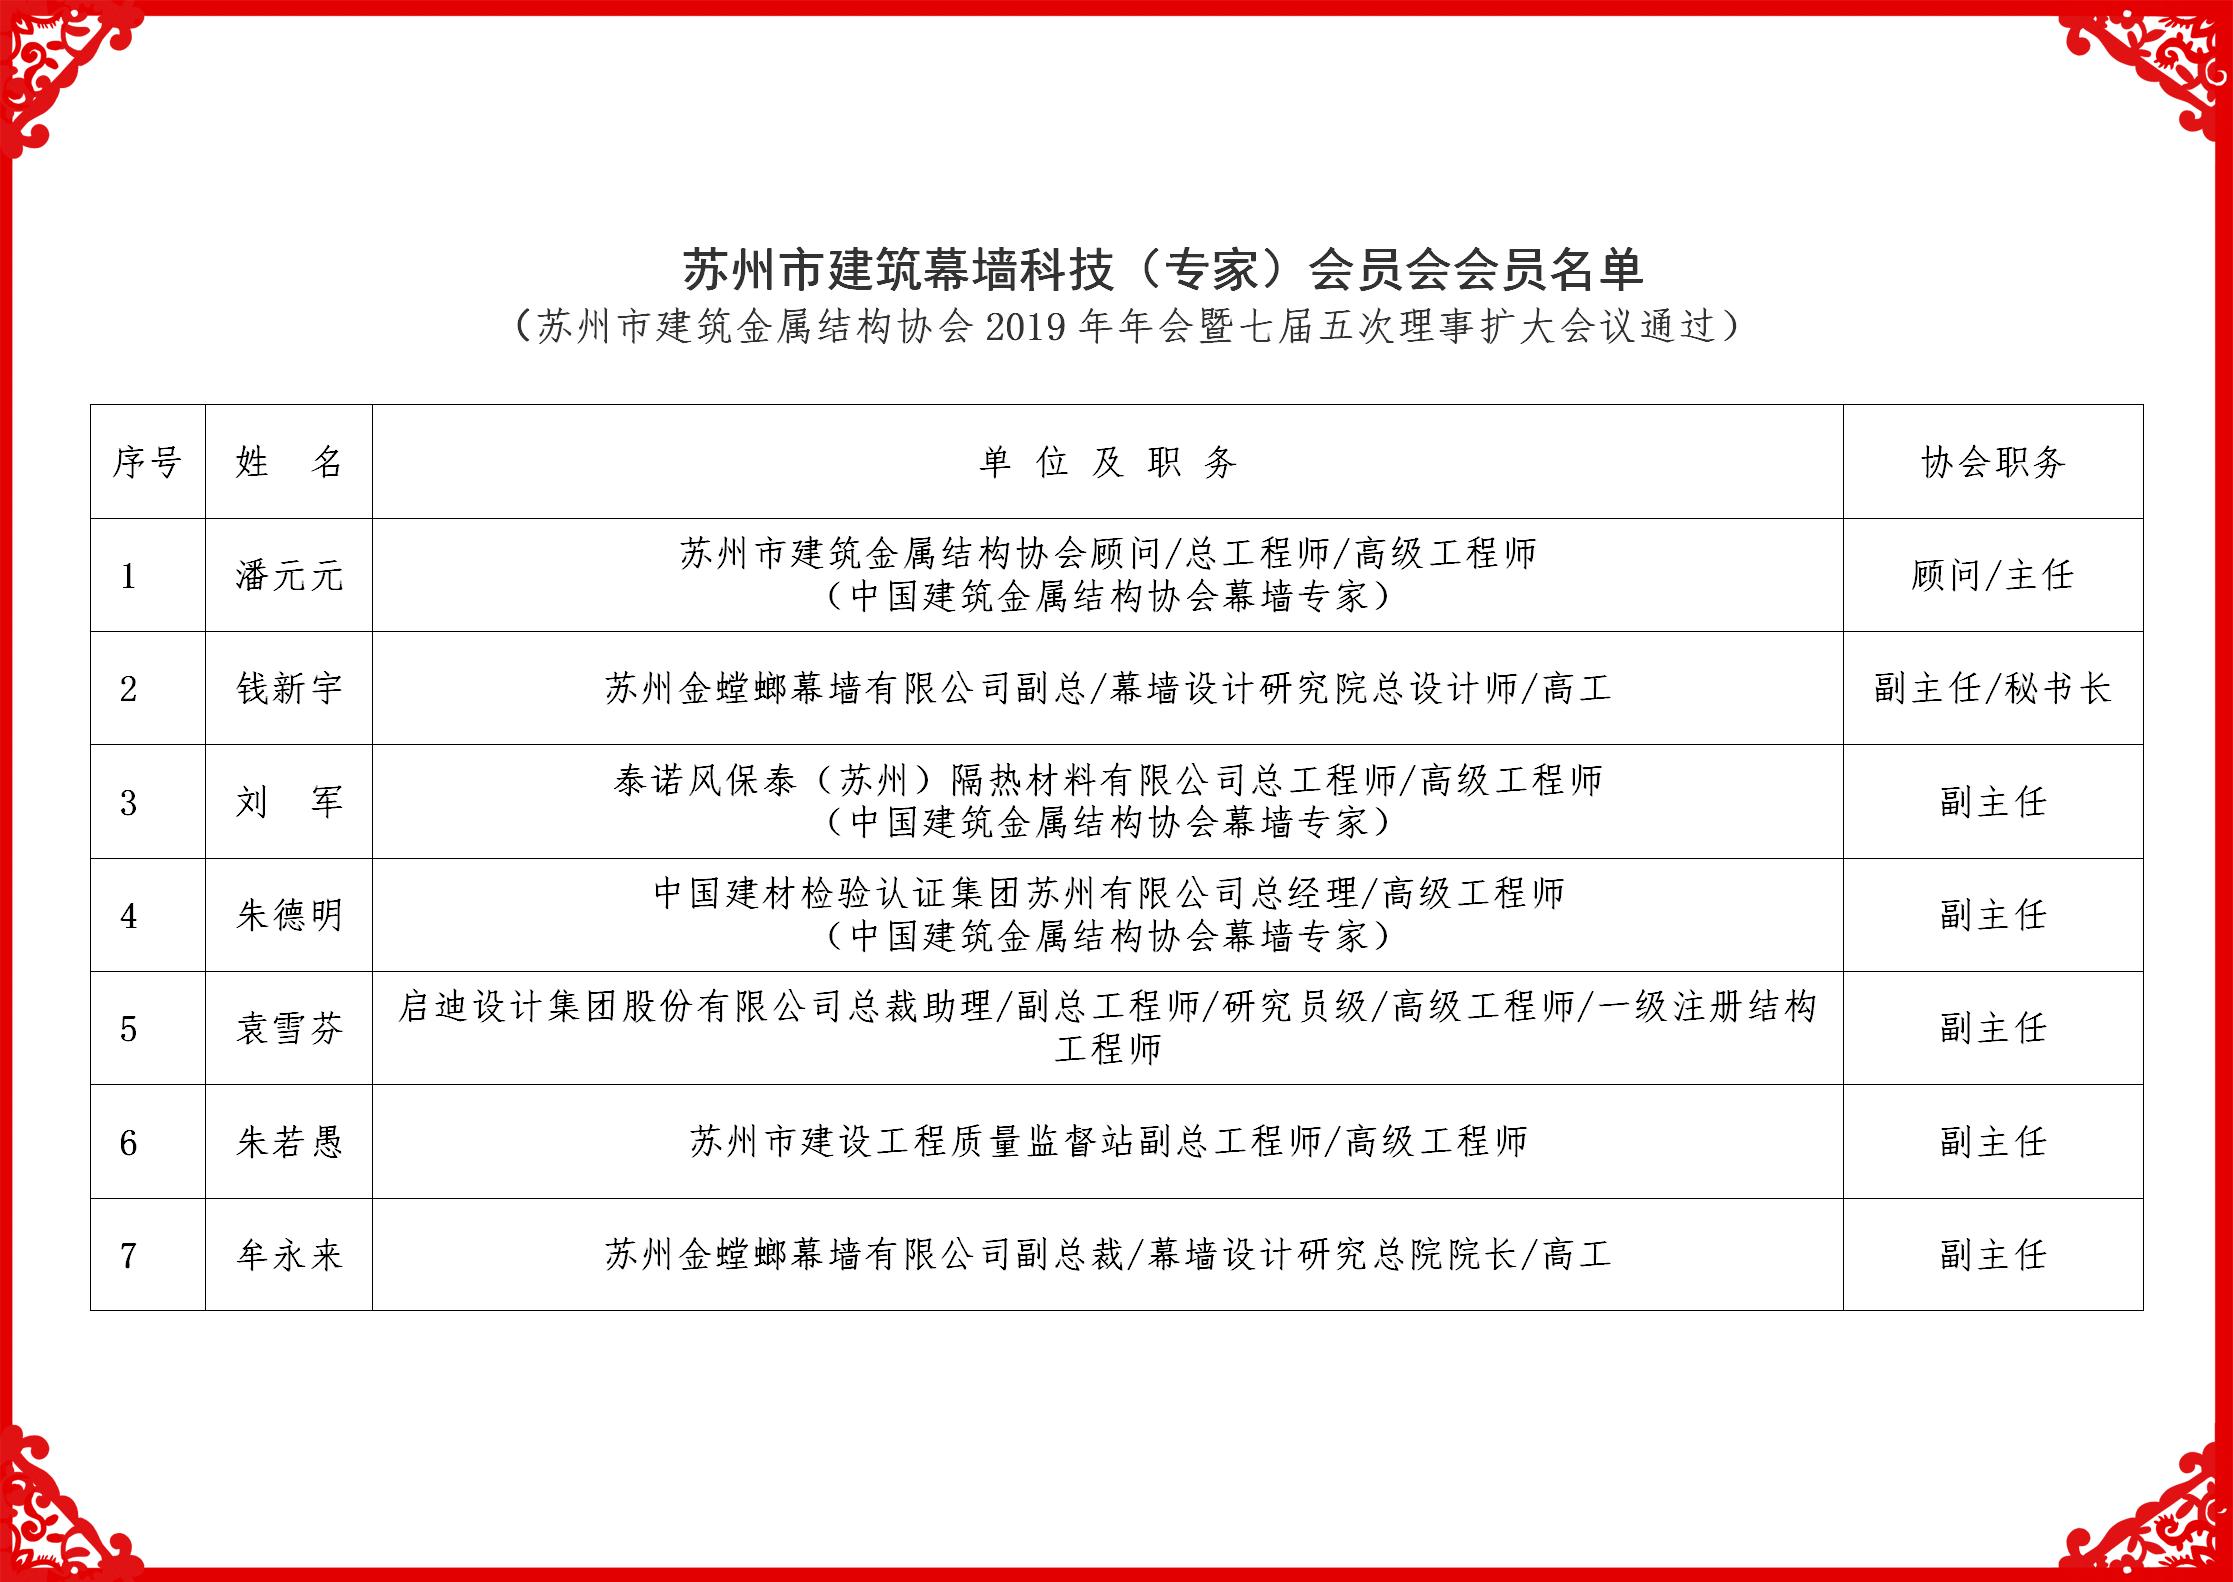 2019科技委名单_01